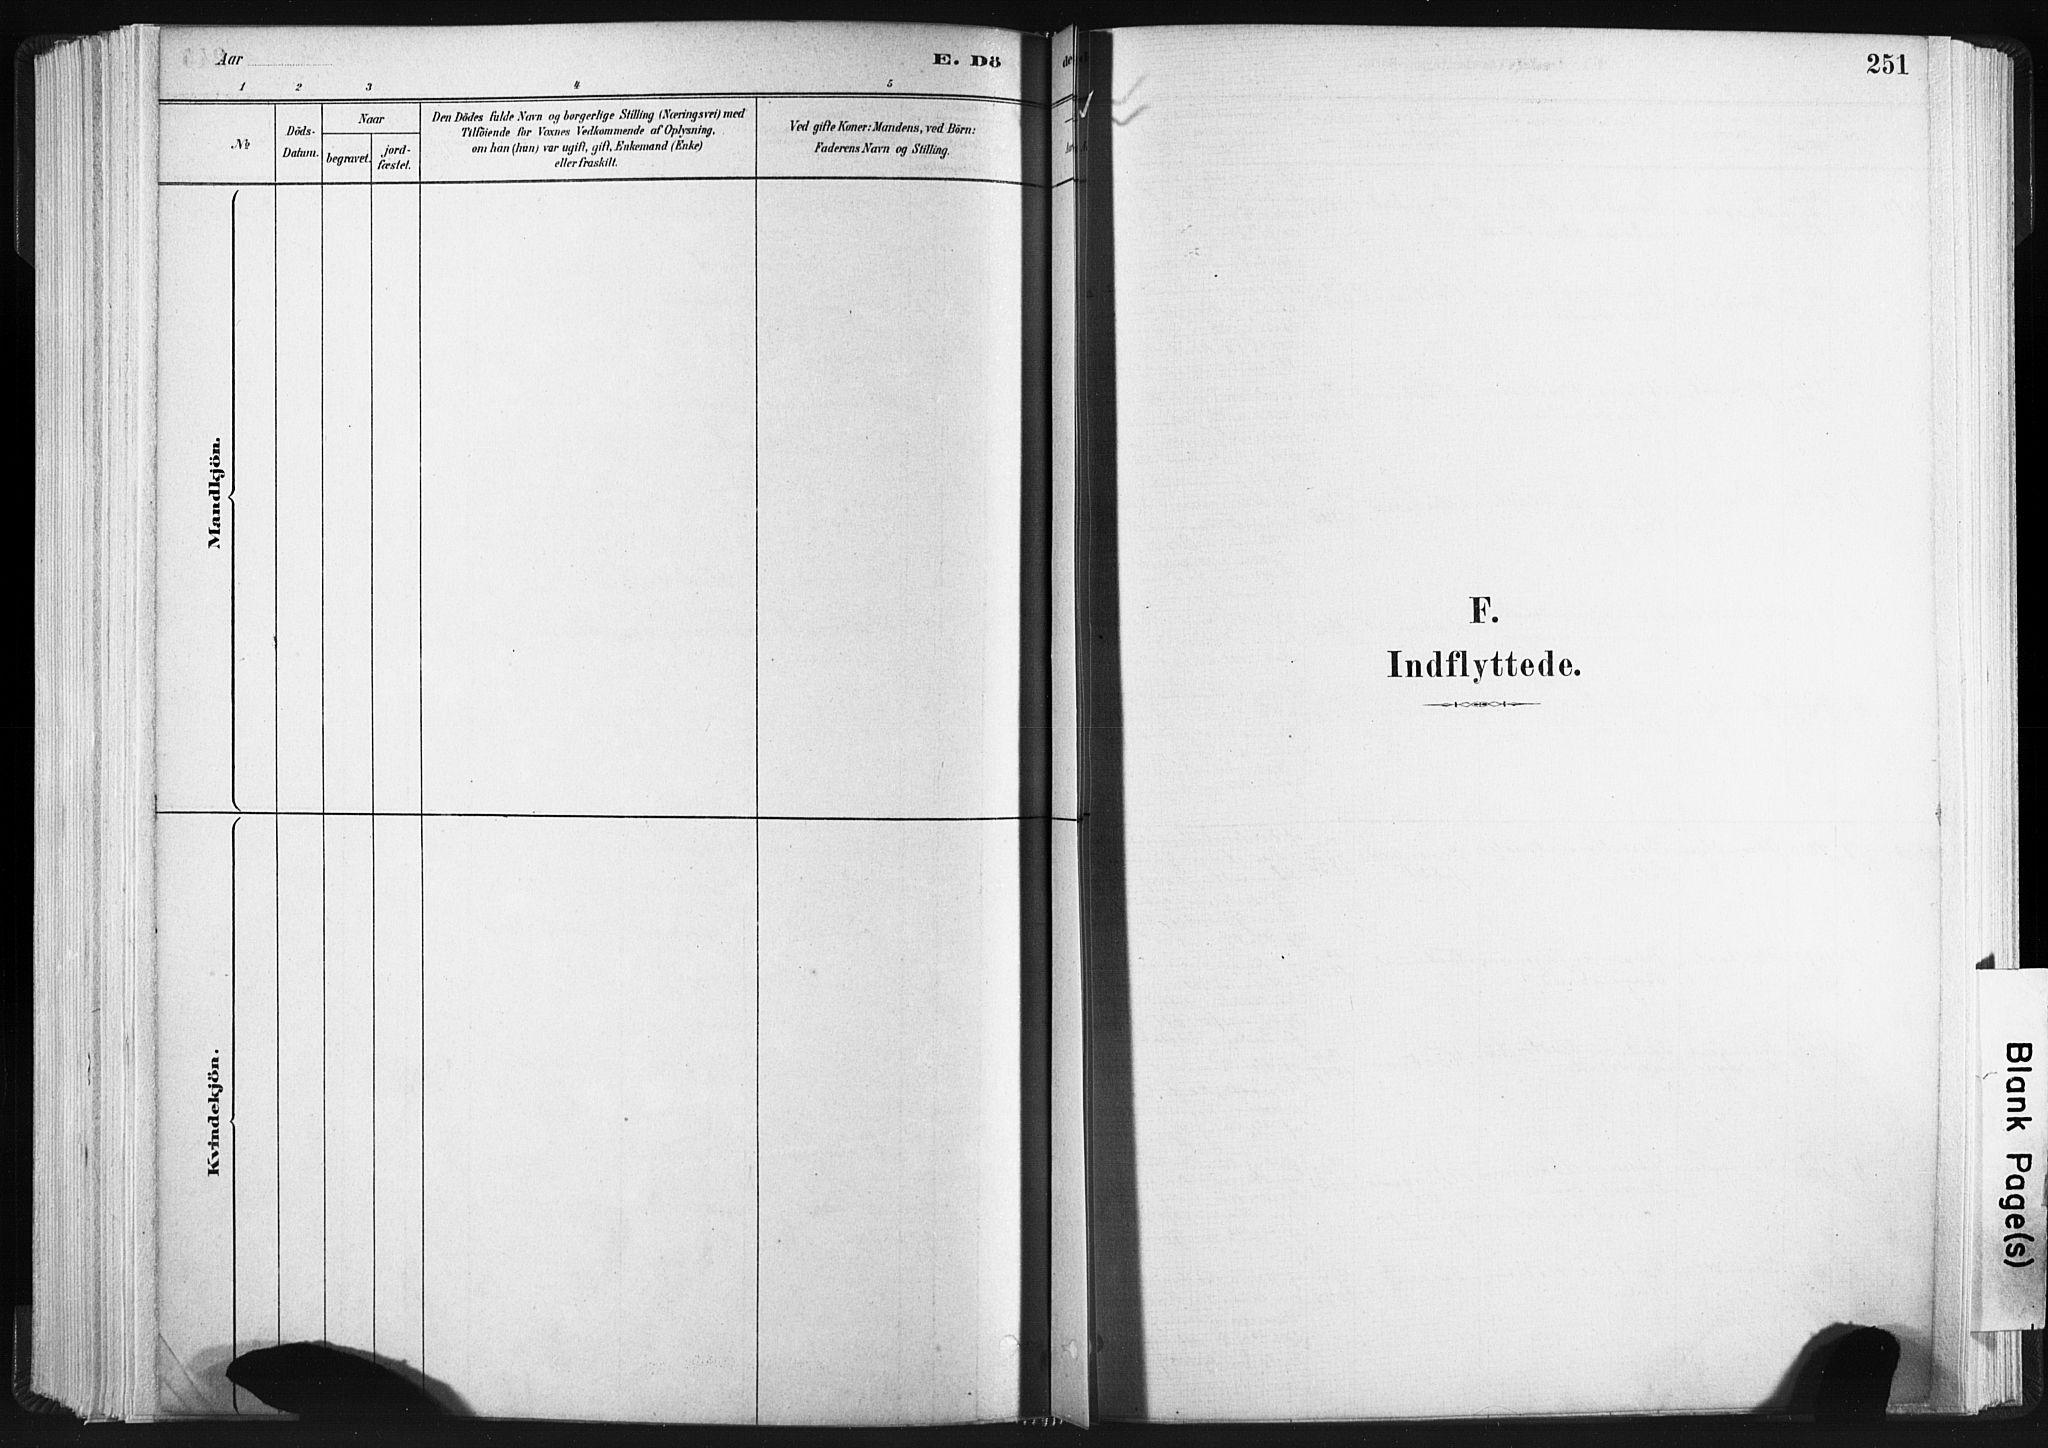 SAT, Ministerialprotokoller, klokkerbøker og fødselsregistre - Sør-Trøndelag, 665/L0773: Ministerialbok nr. 665A08, 1879-1905, s. 251